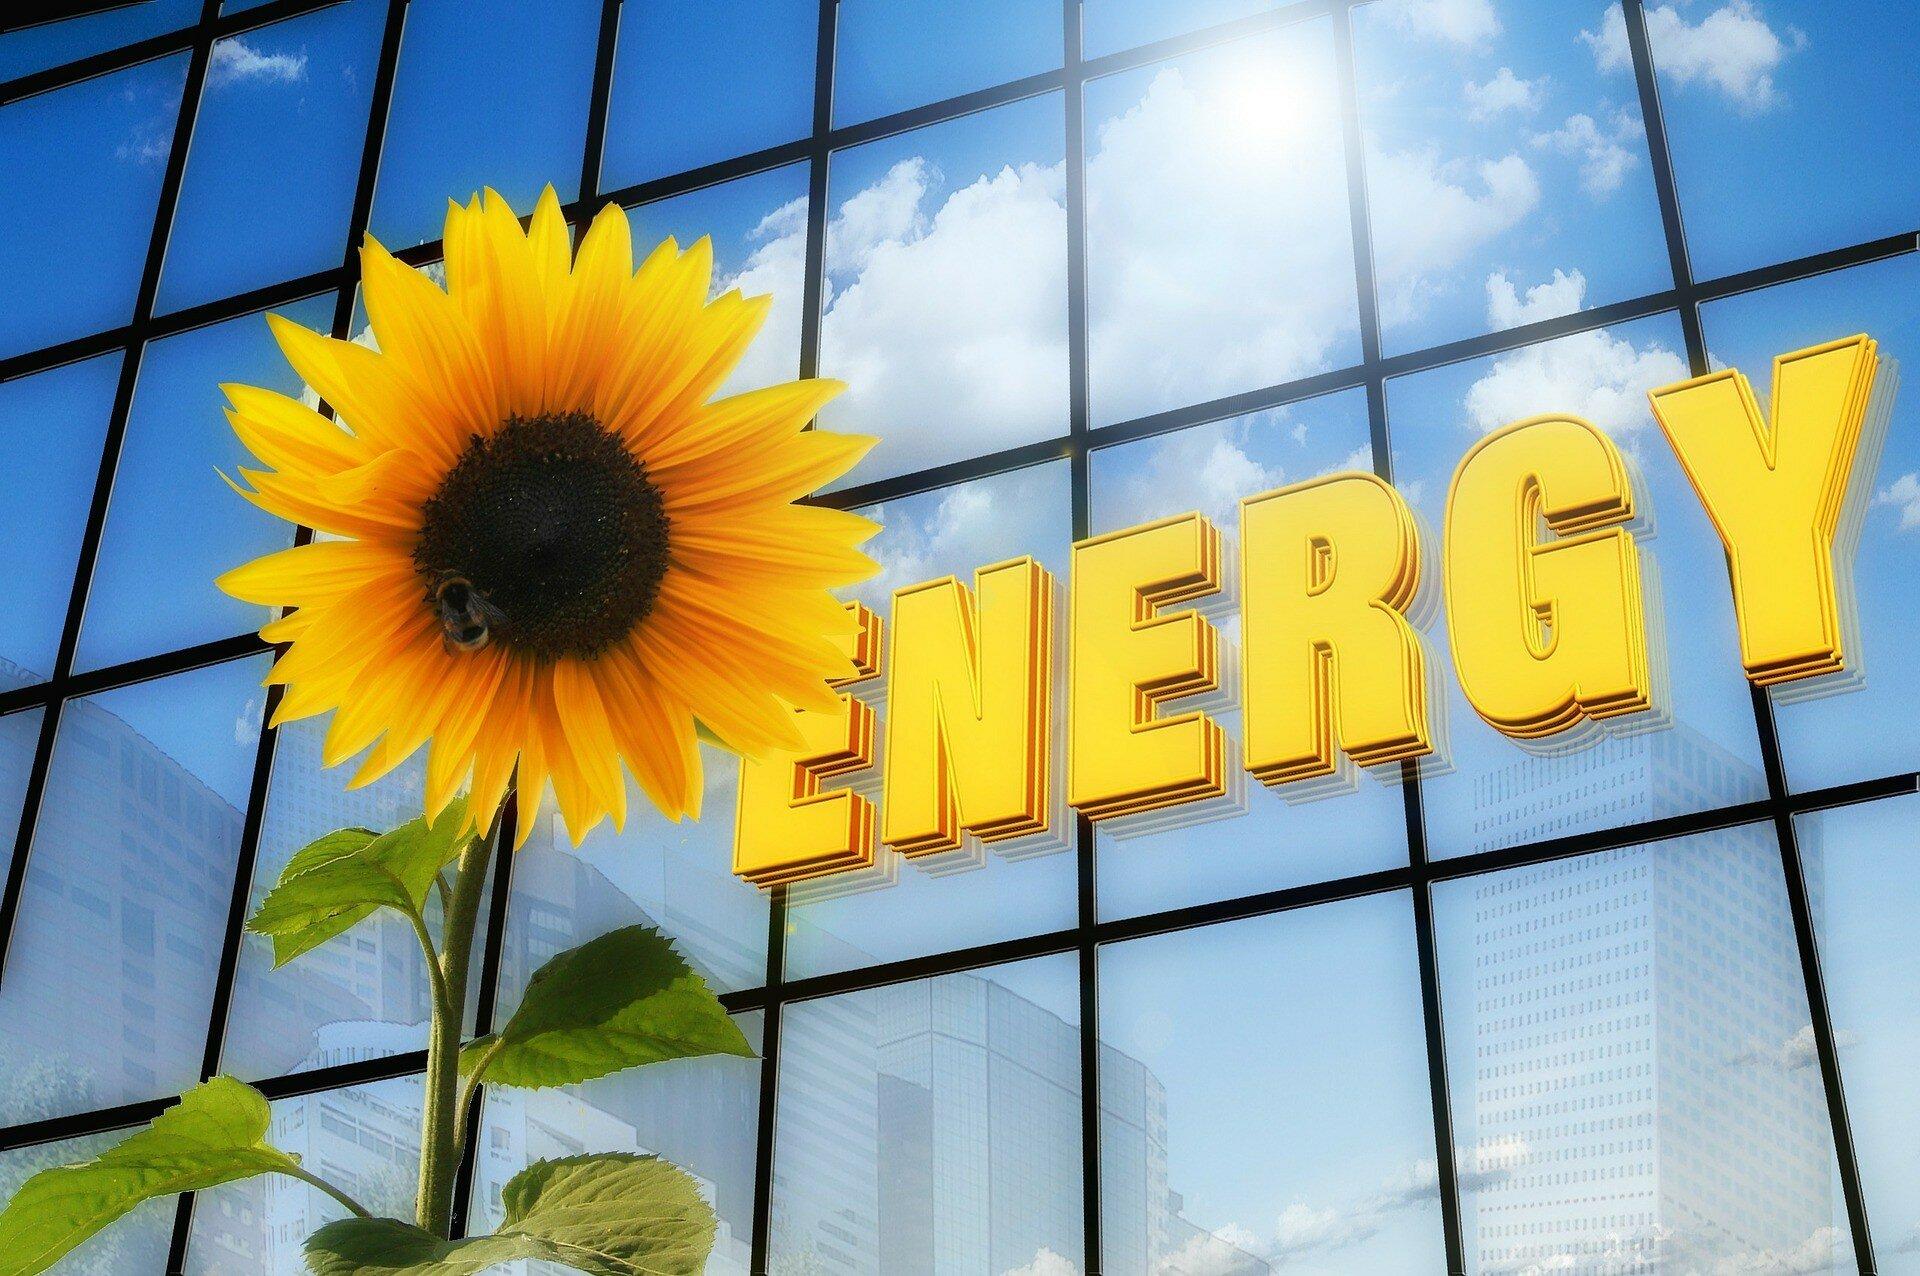 На должность министра энергетики рассматриваются 5 кандидатов, — инсайд